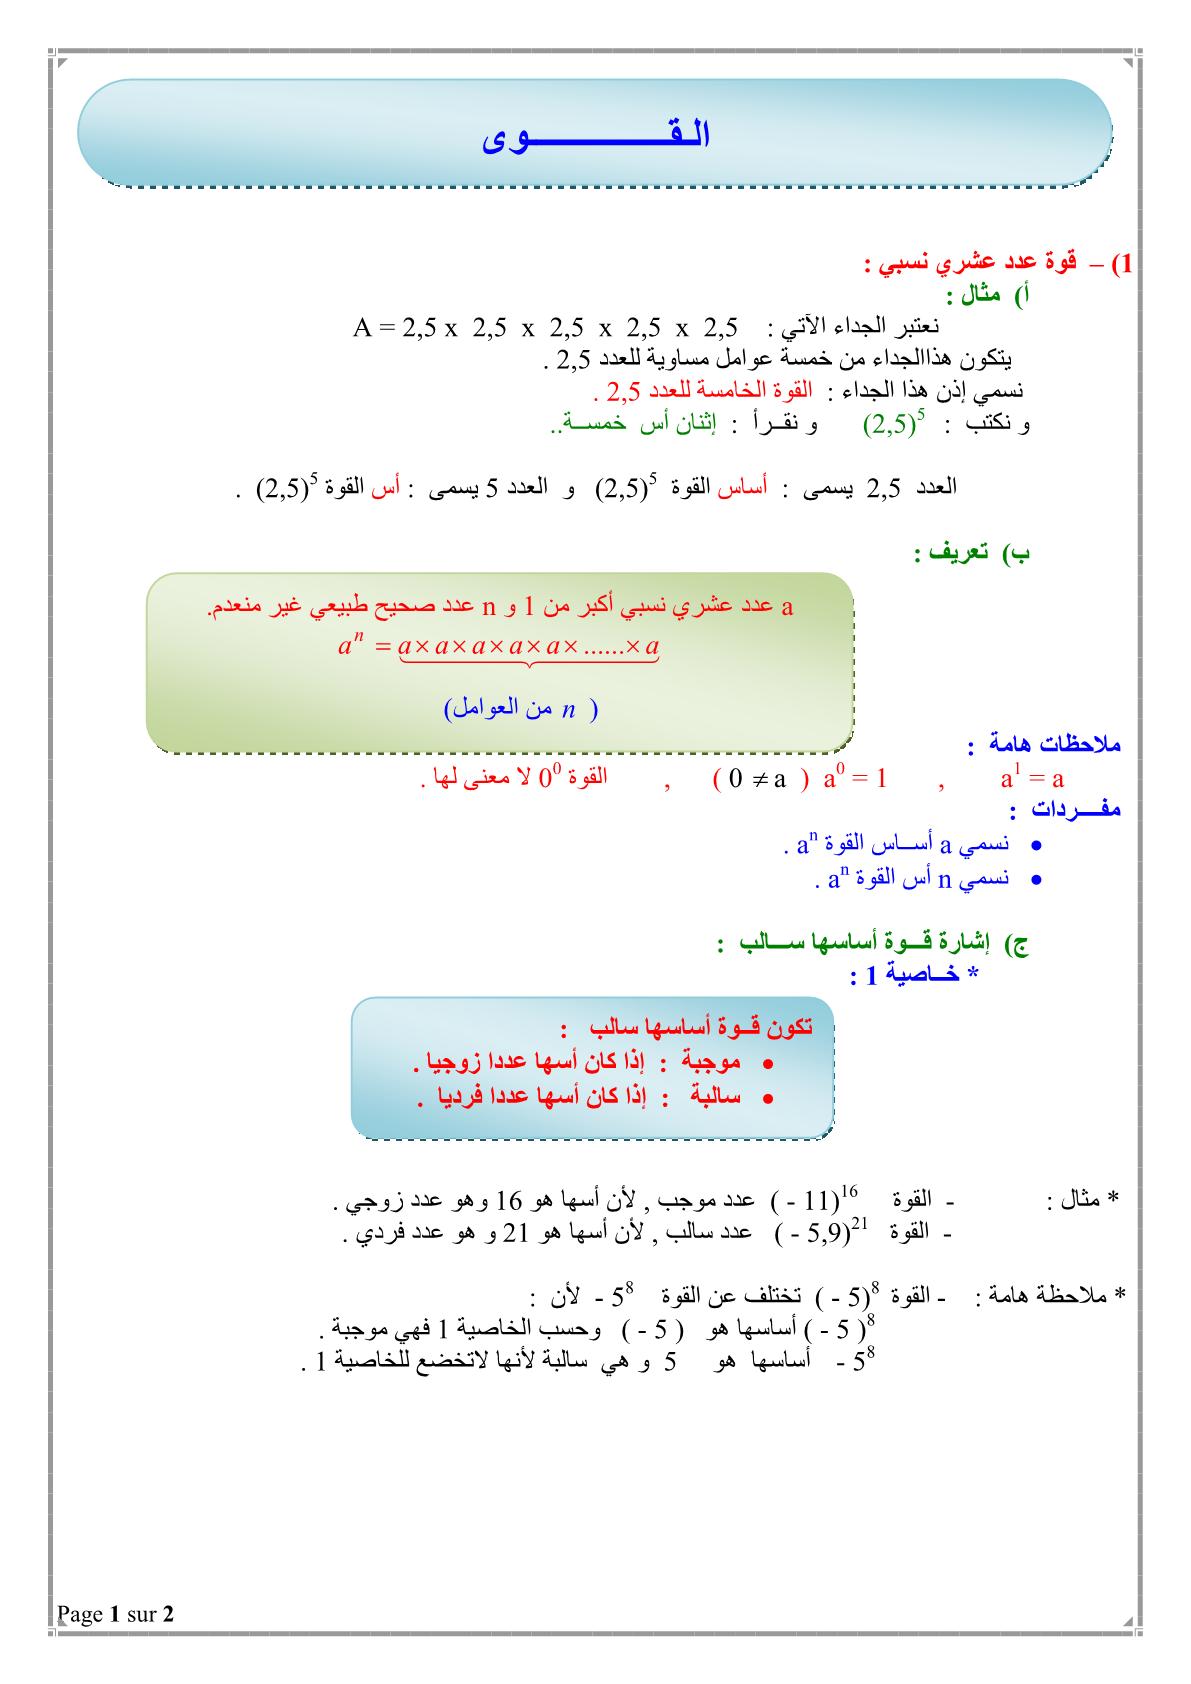 درس القوى في مادة الرياضيات للمستوى الأولى إعدادي